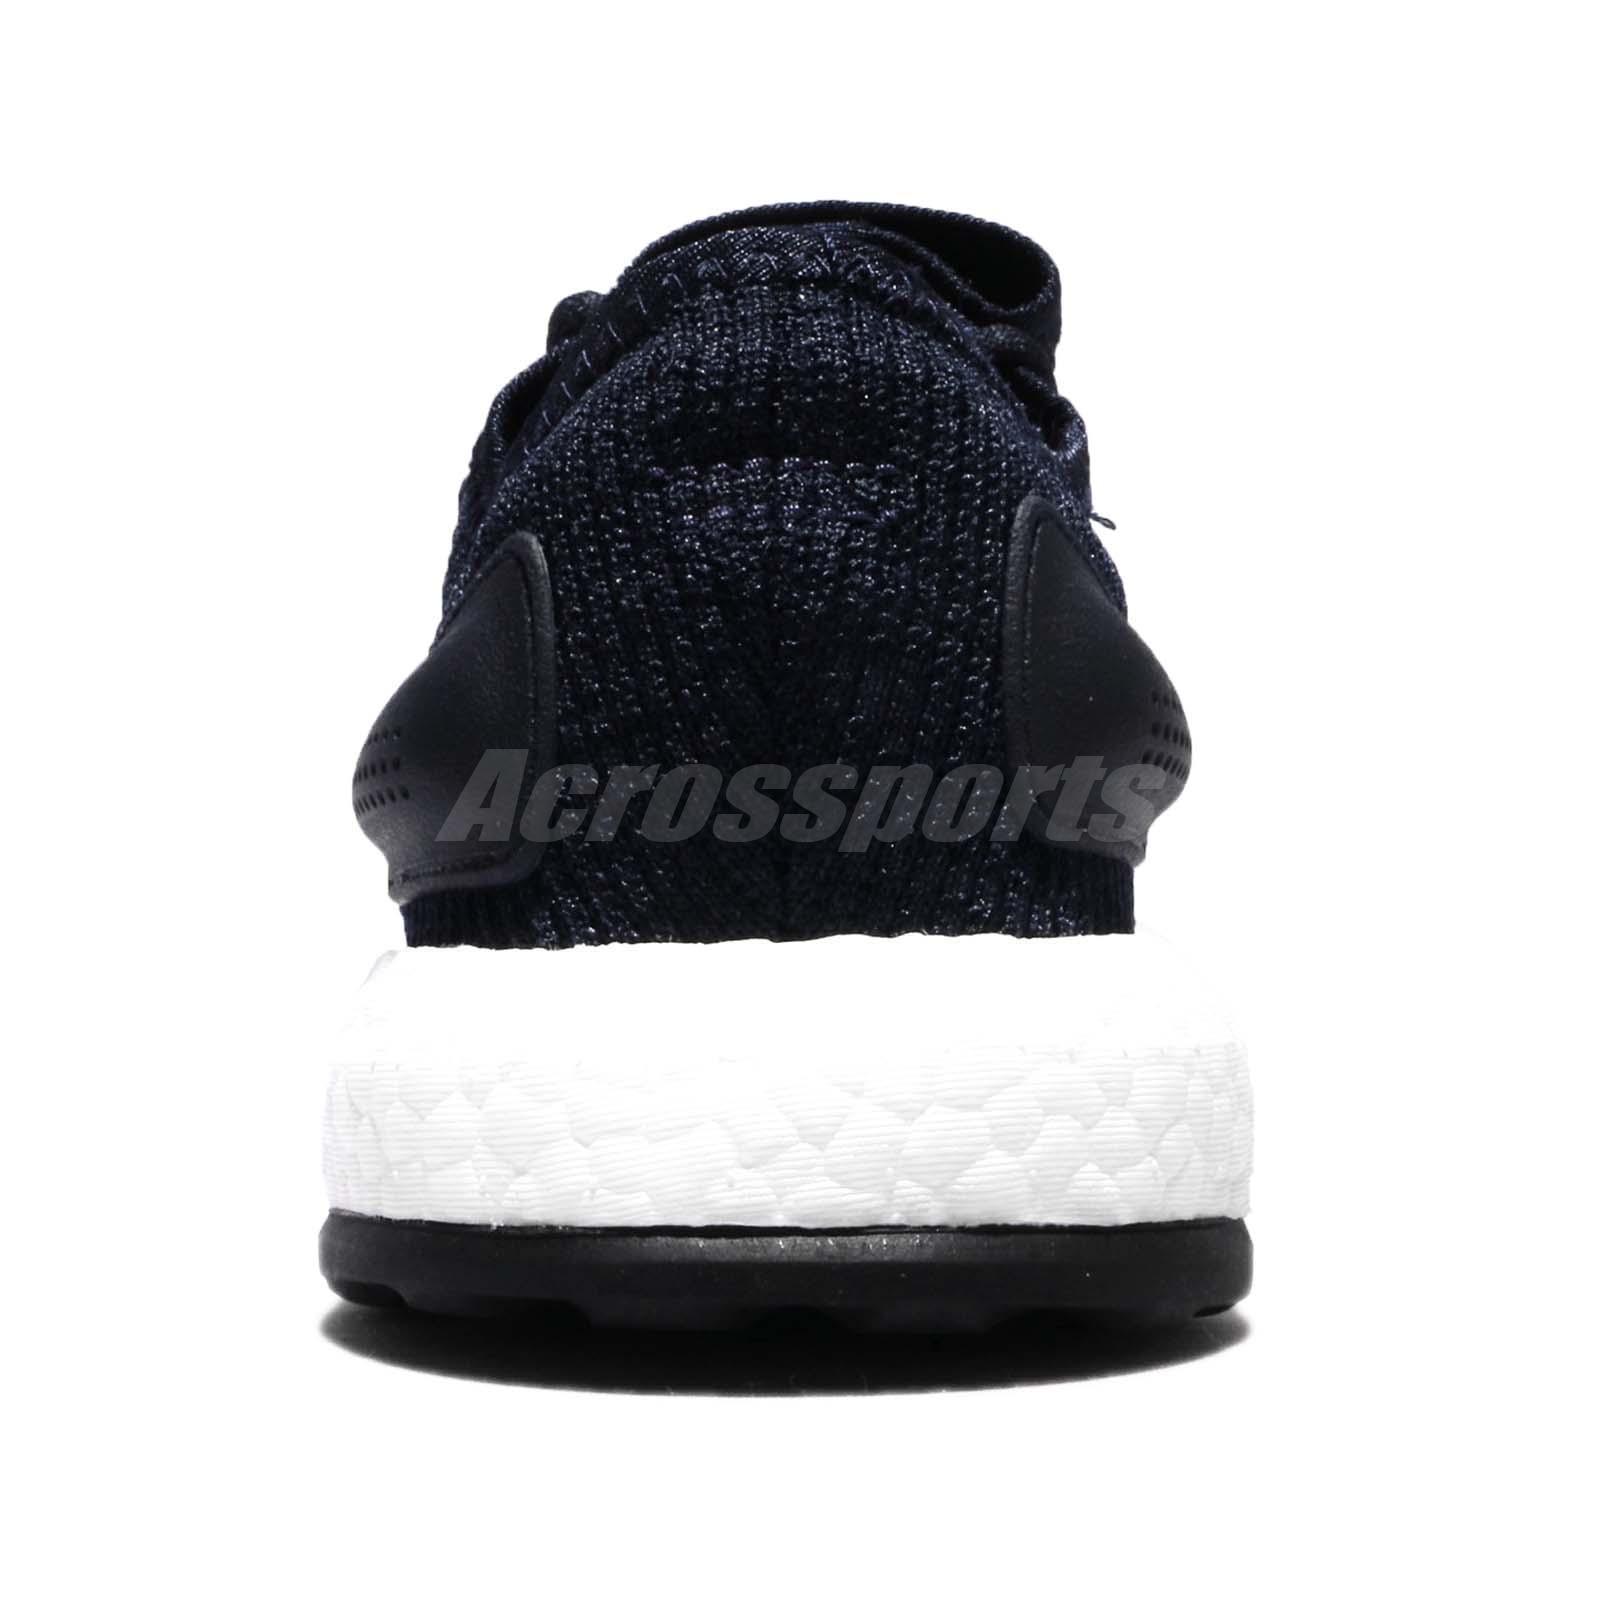 adidas pureboost collegiale traccia blu marina uomini scarpe da corsa